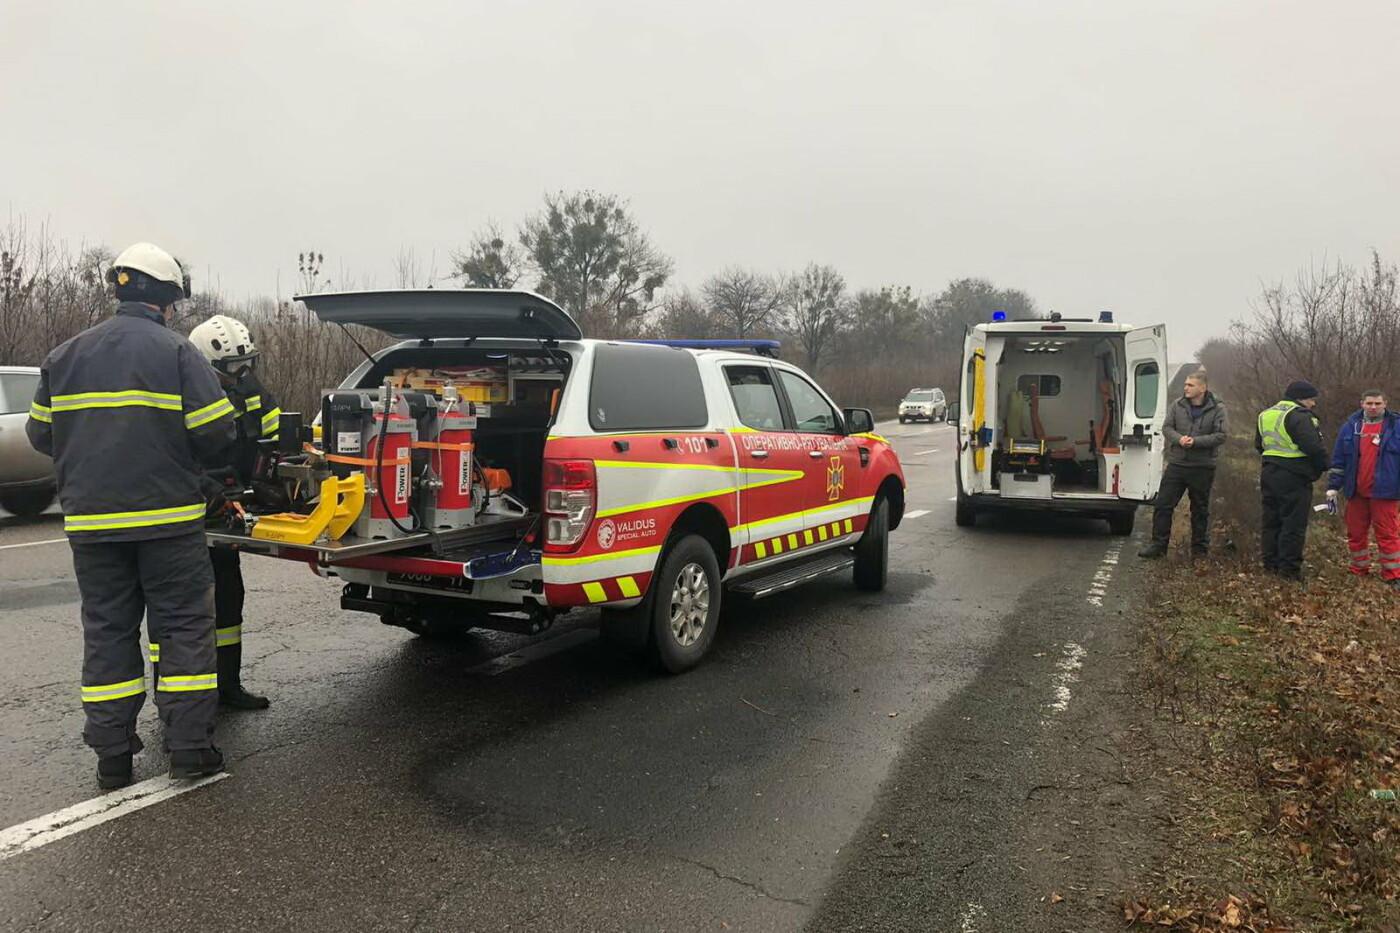 Под Харьковом микроавтобус вылетел в кювет и перевернулся: водителя доставали спасатели, - ФОТО, фото-2